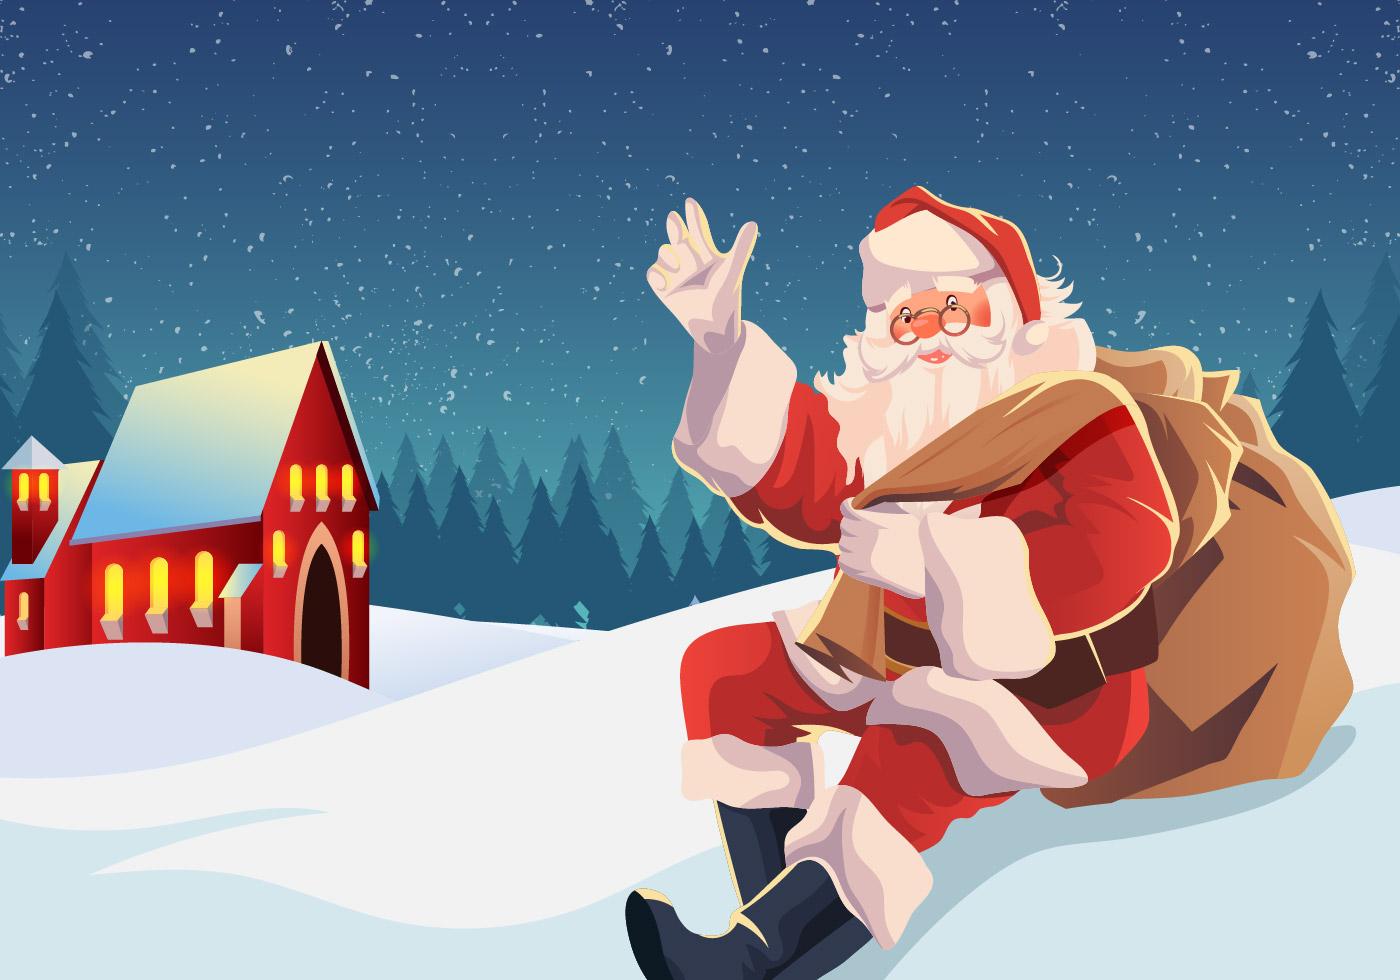 聖誕圖片 免費下載 | 天天瘋後製